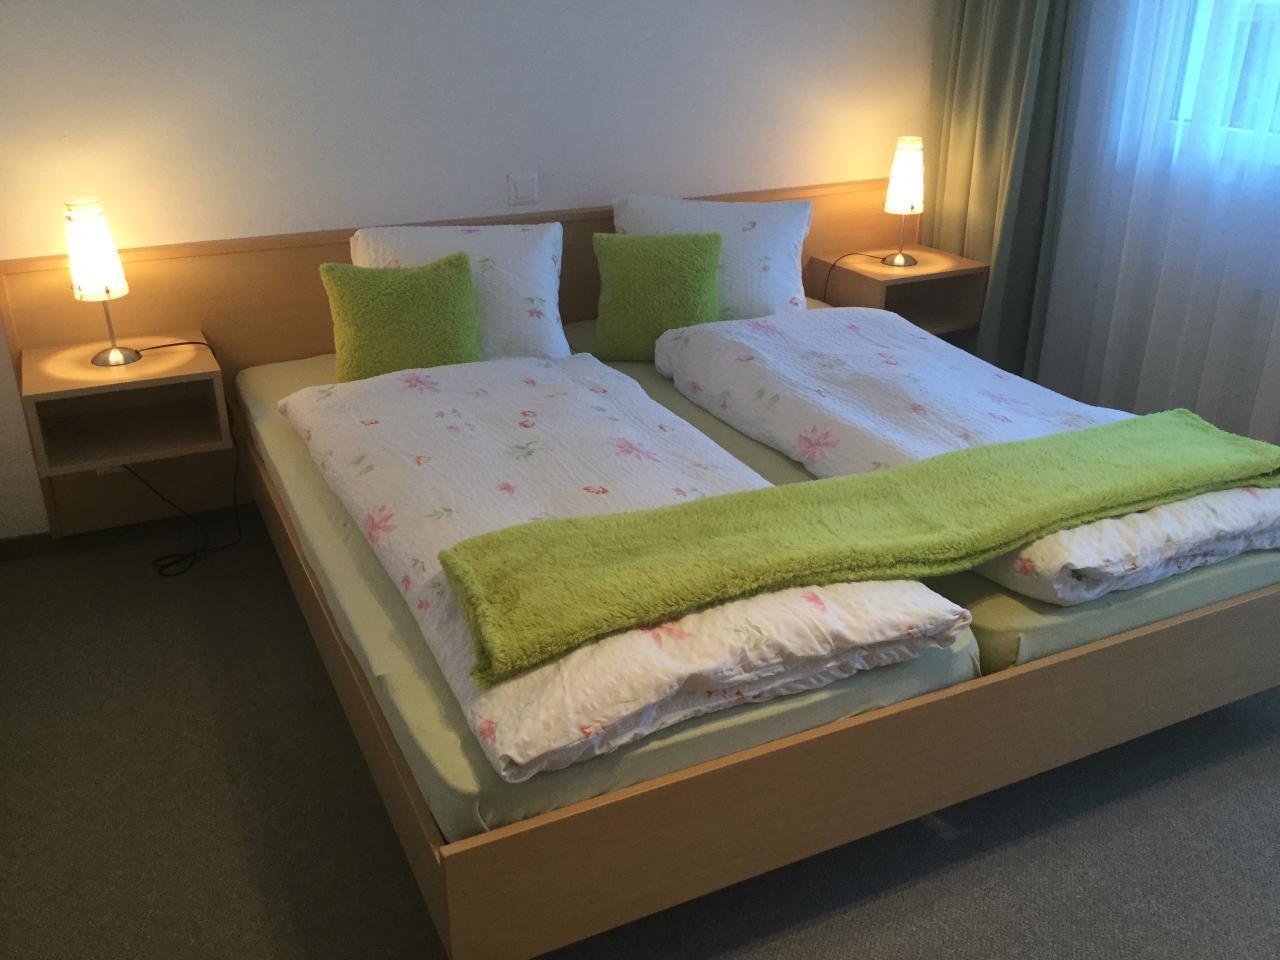 Ferienwohnung für 2 - 5 Personen mit zwei getrennten Schlafzimmern (692149), Saas Almagell, Saastal, Wallis, Schweiz, Bild 12